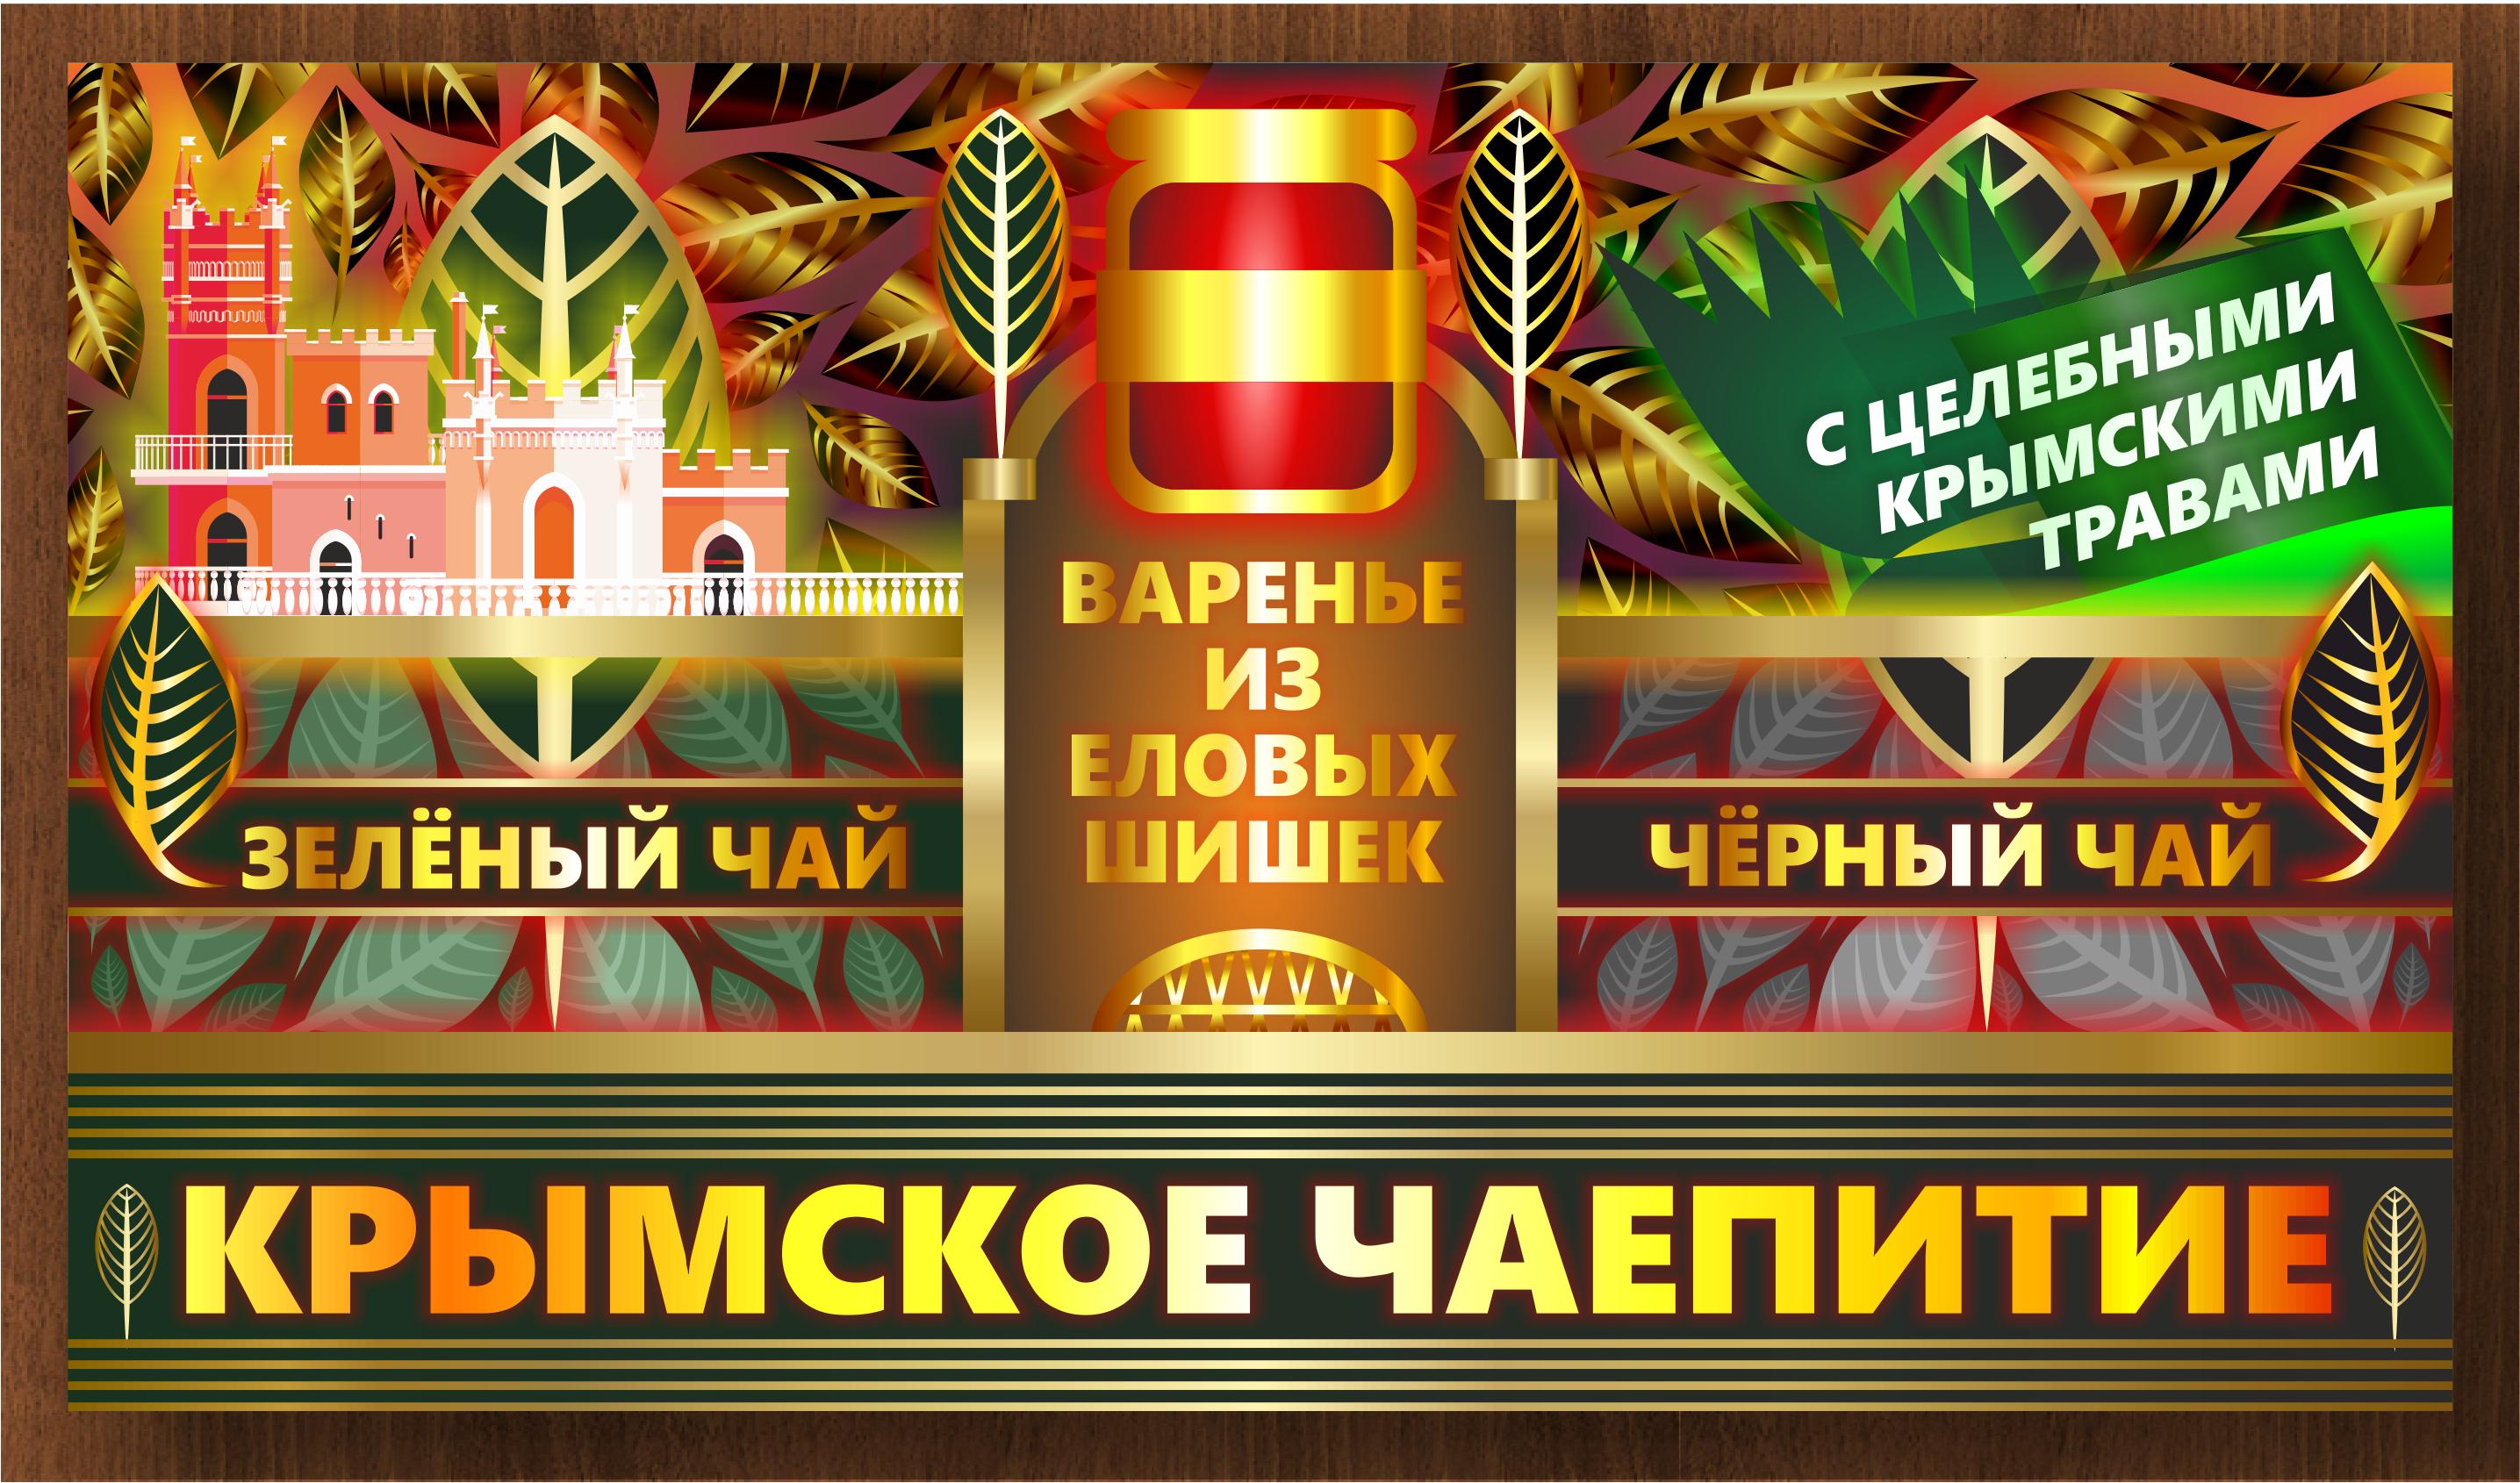 Дизайн подарочной-сувенирной коробки: с чаем и варением фото f_4695a57bb0fcb9b6.png